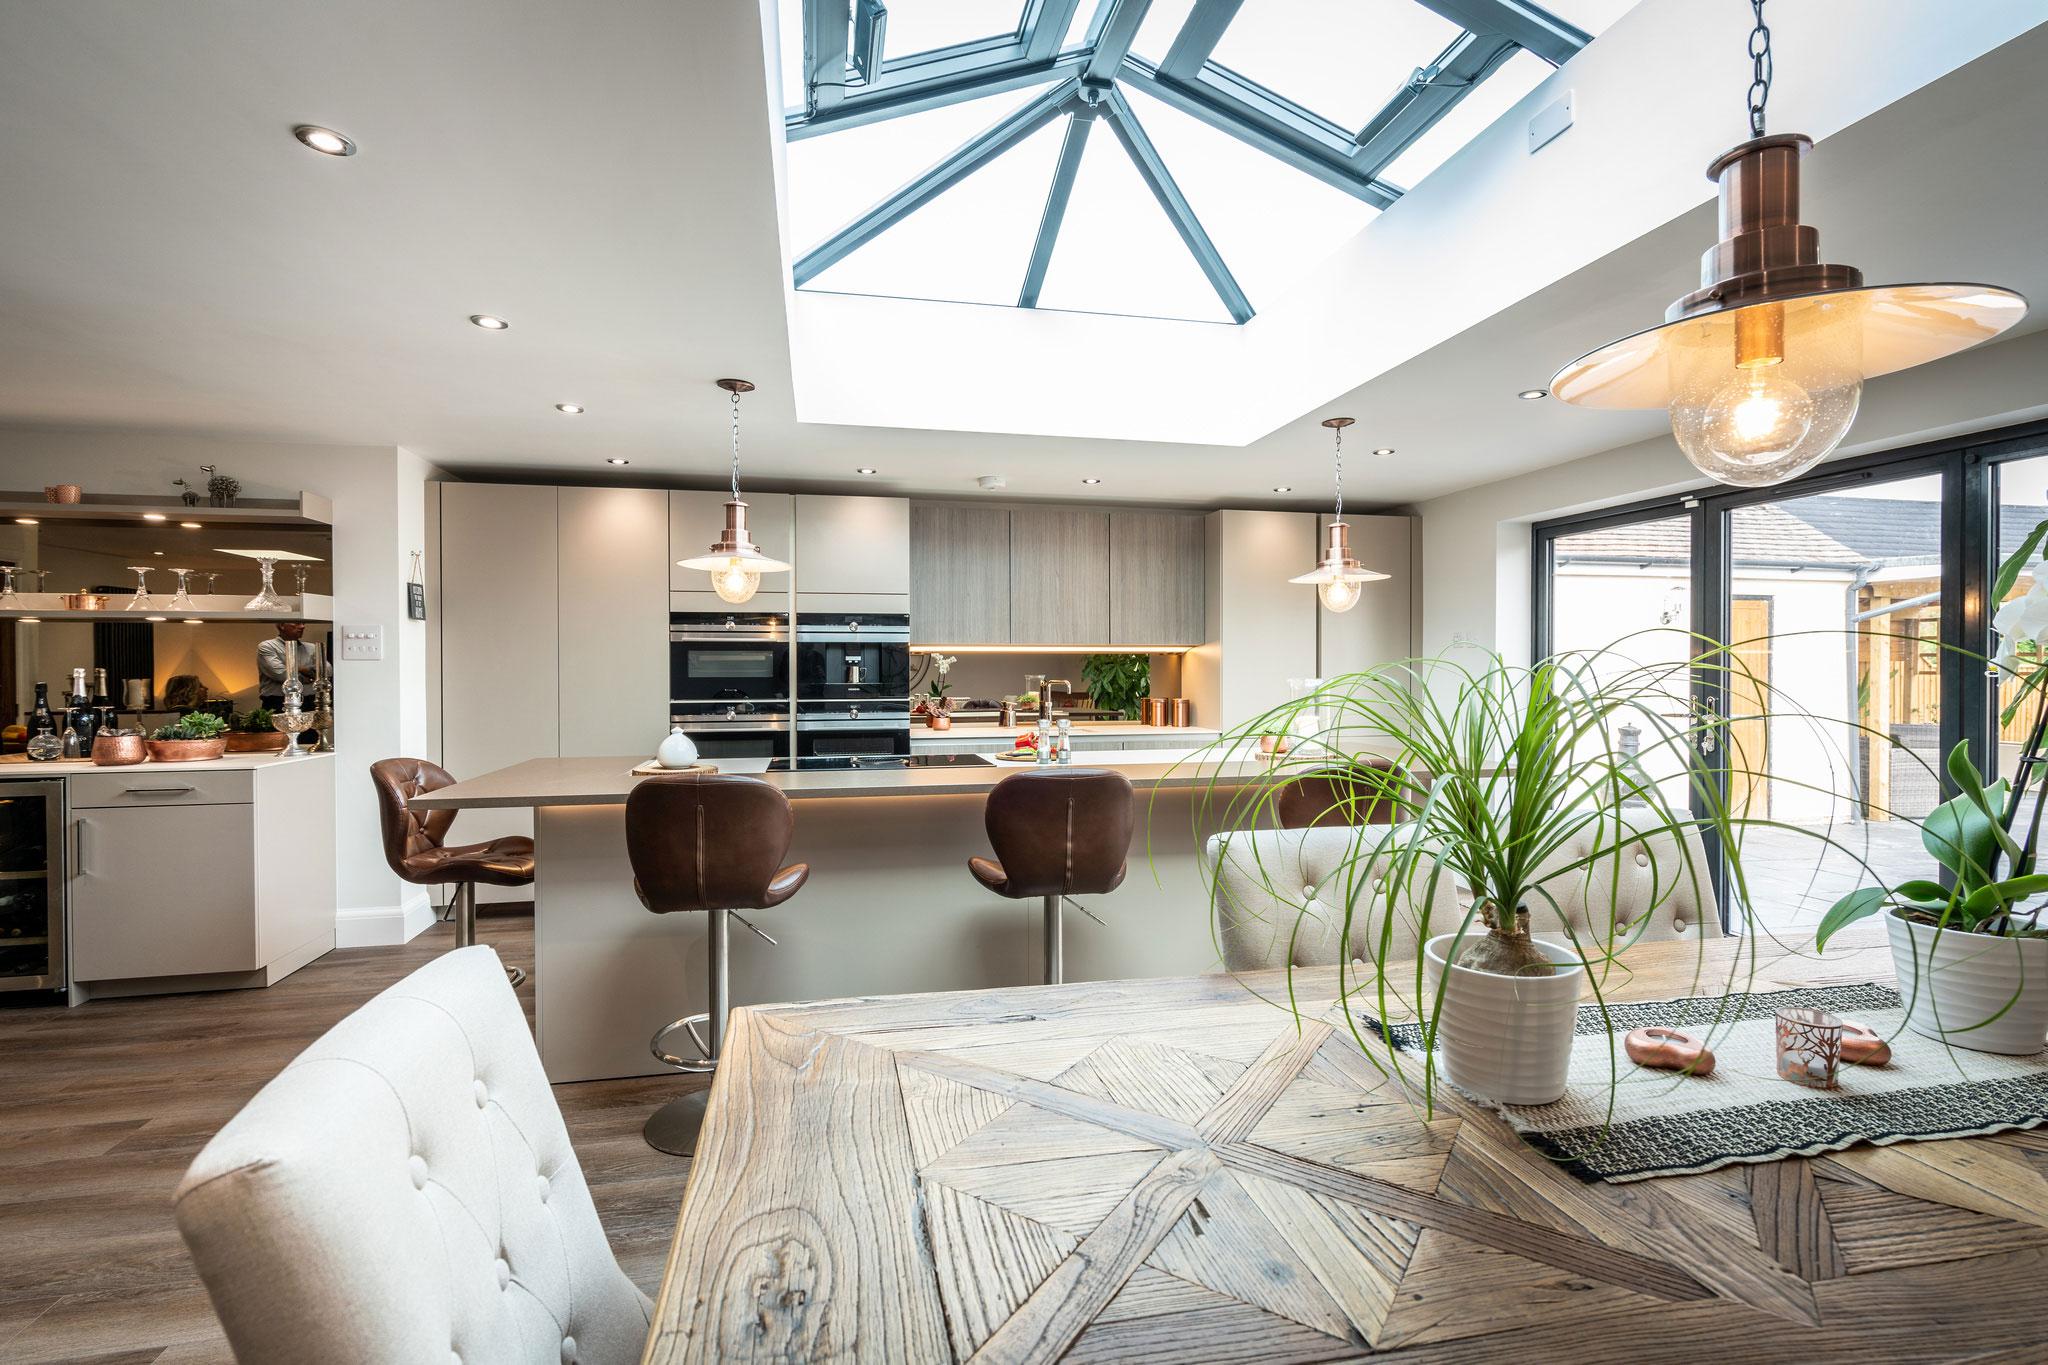 Image of Myers Touch Daniels Kitchen 01020 ZF 2442 14358 1 030 in Uno spazio progettato per socializzare - Cosentino